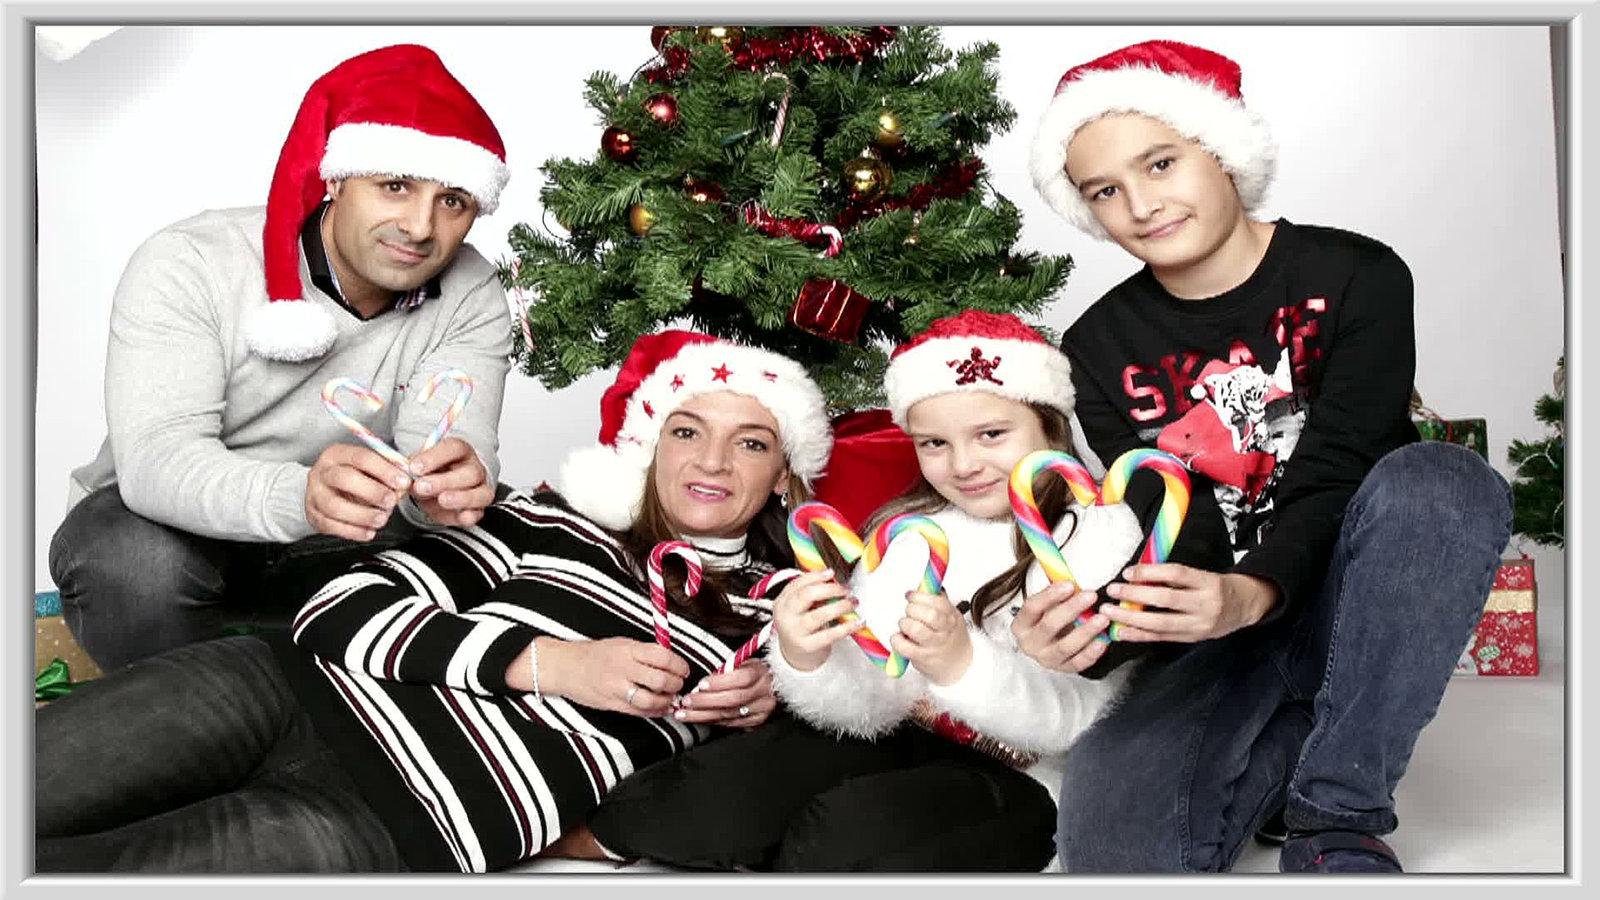 video weihnachtliche fotoidee candy cane herz servicezeit sendungen a z video. Black Bedroom Furniture Sets. Home Design Ideas